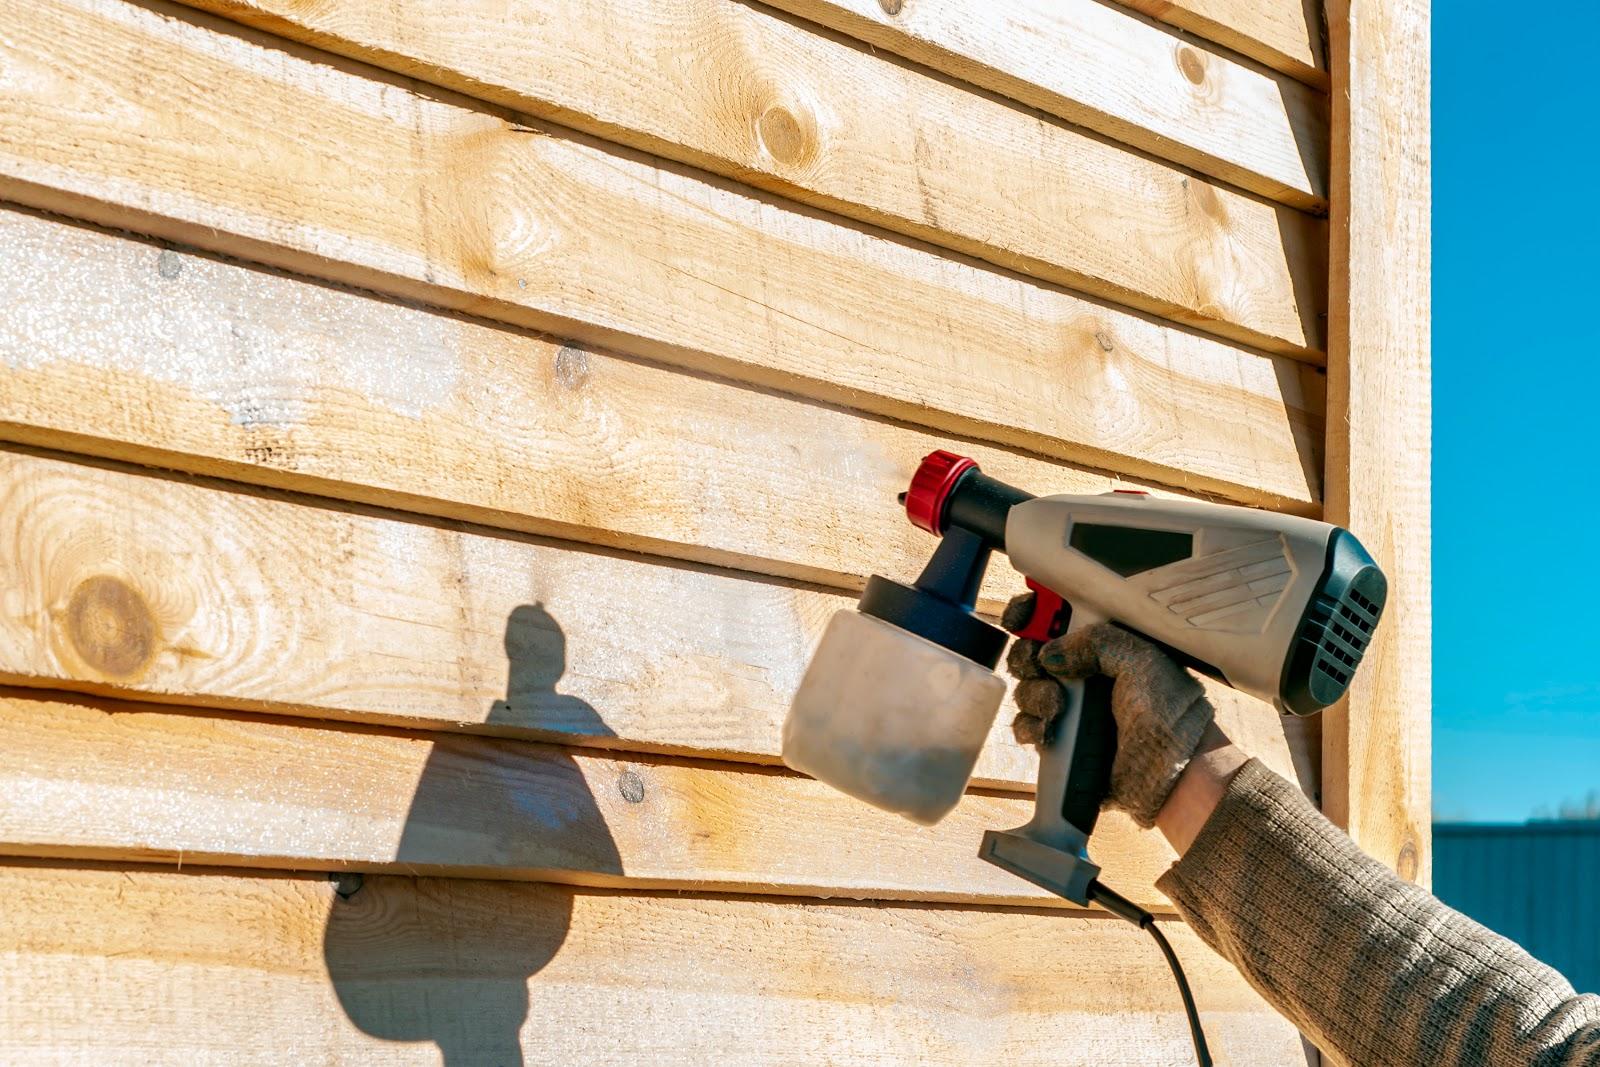 Cum se trateaza lemnul destinat constructiilor?